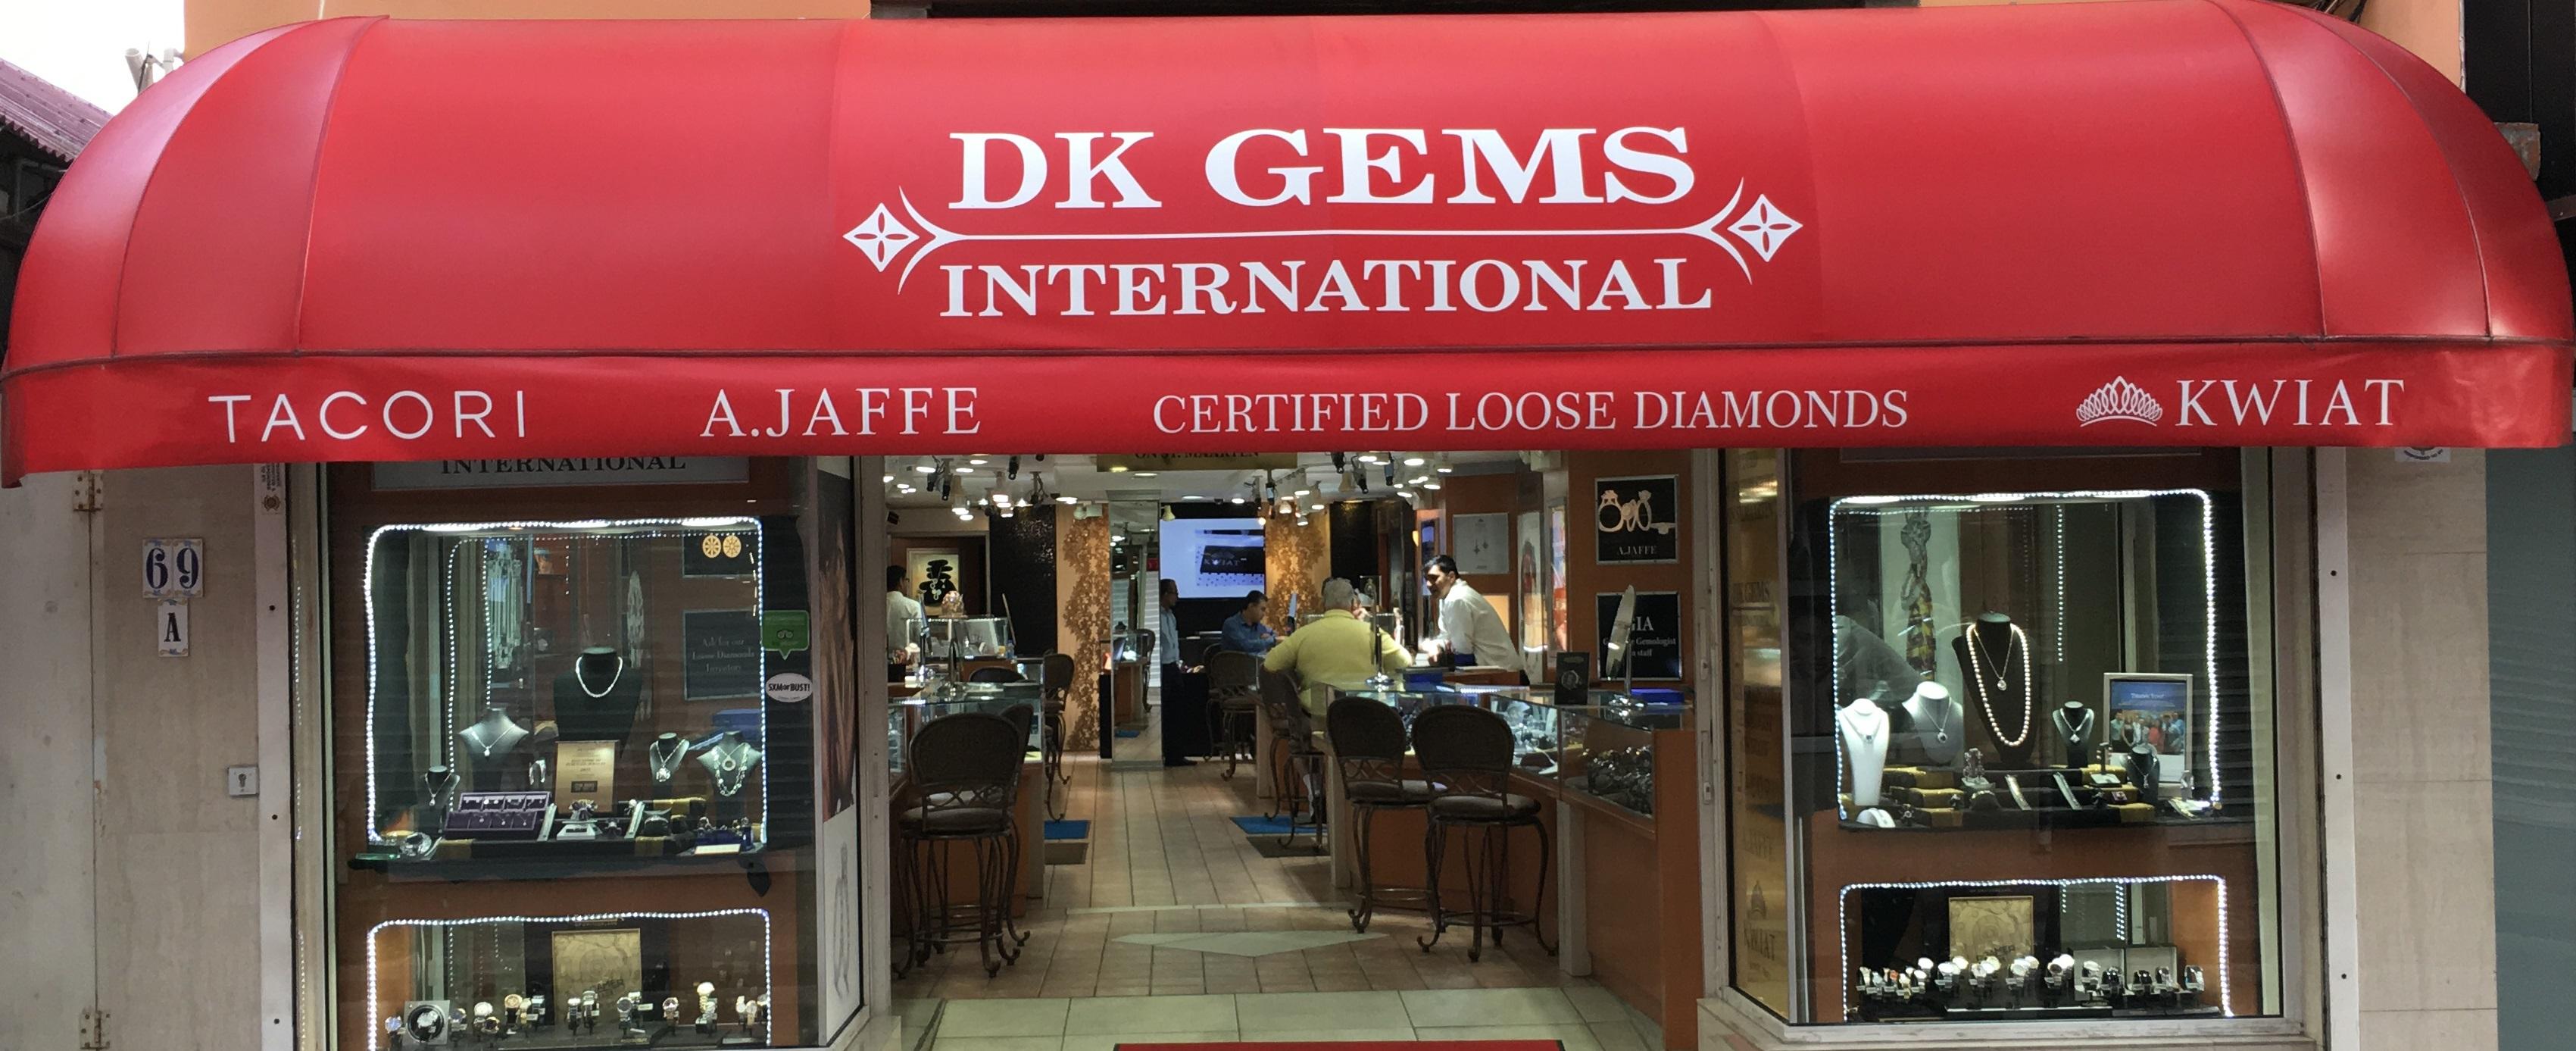 jewelry stores in st maarten DK Gems International VOTED BEST St Maarten Jewelry stores